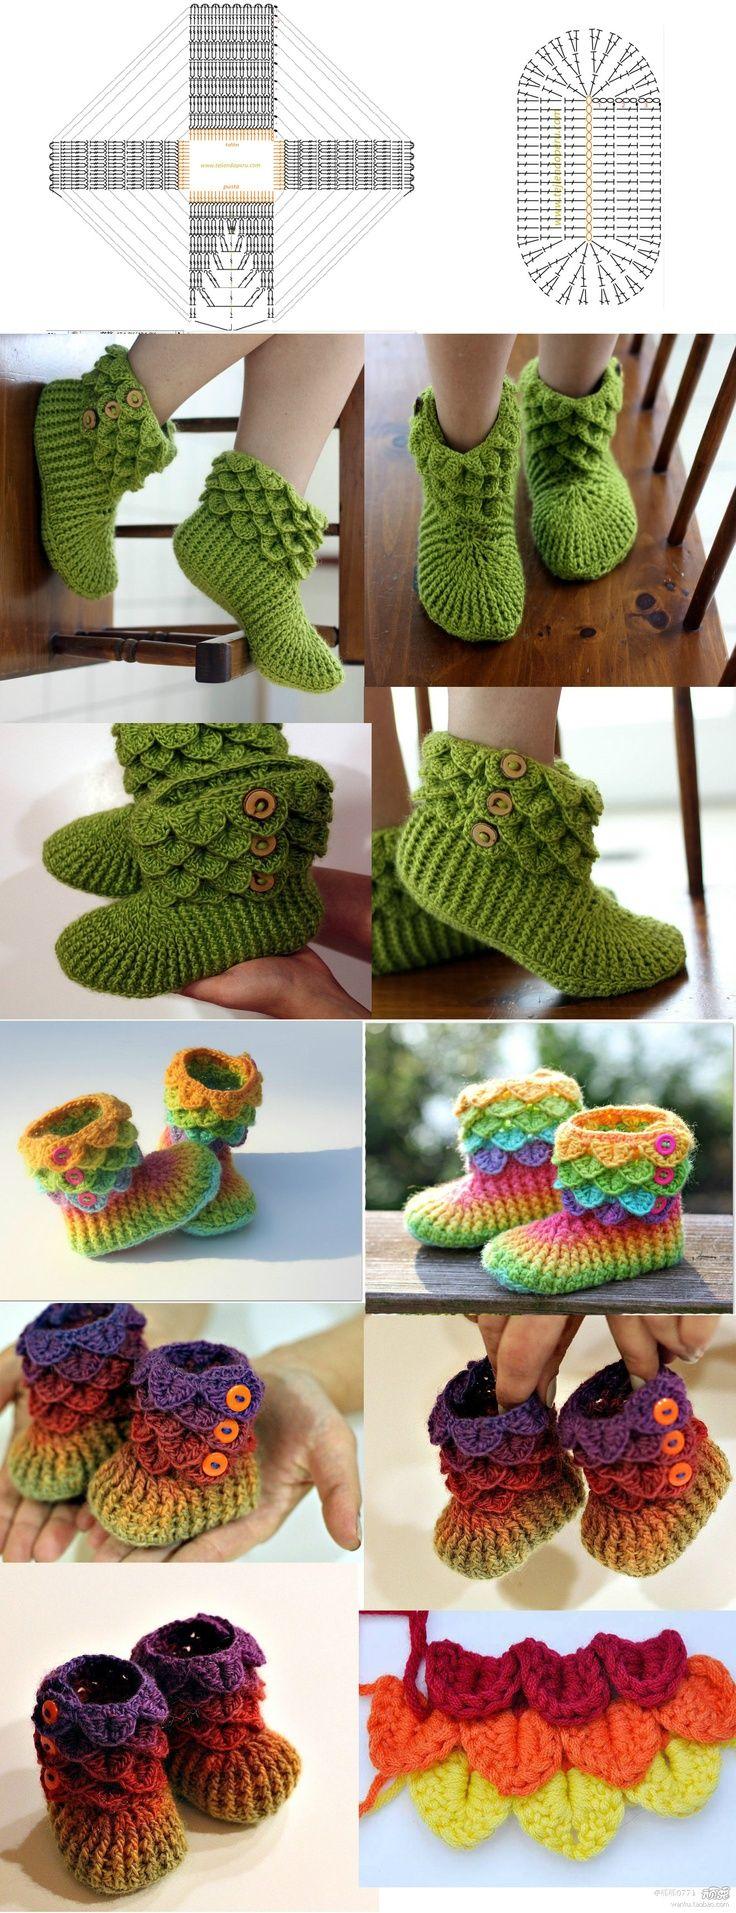 Les adorables chaussons de peter pan au çrochet | sandalias y ...